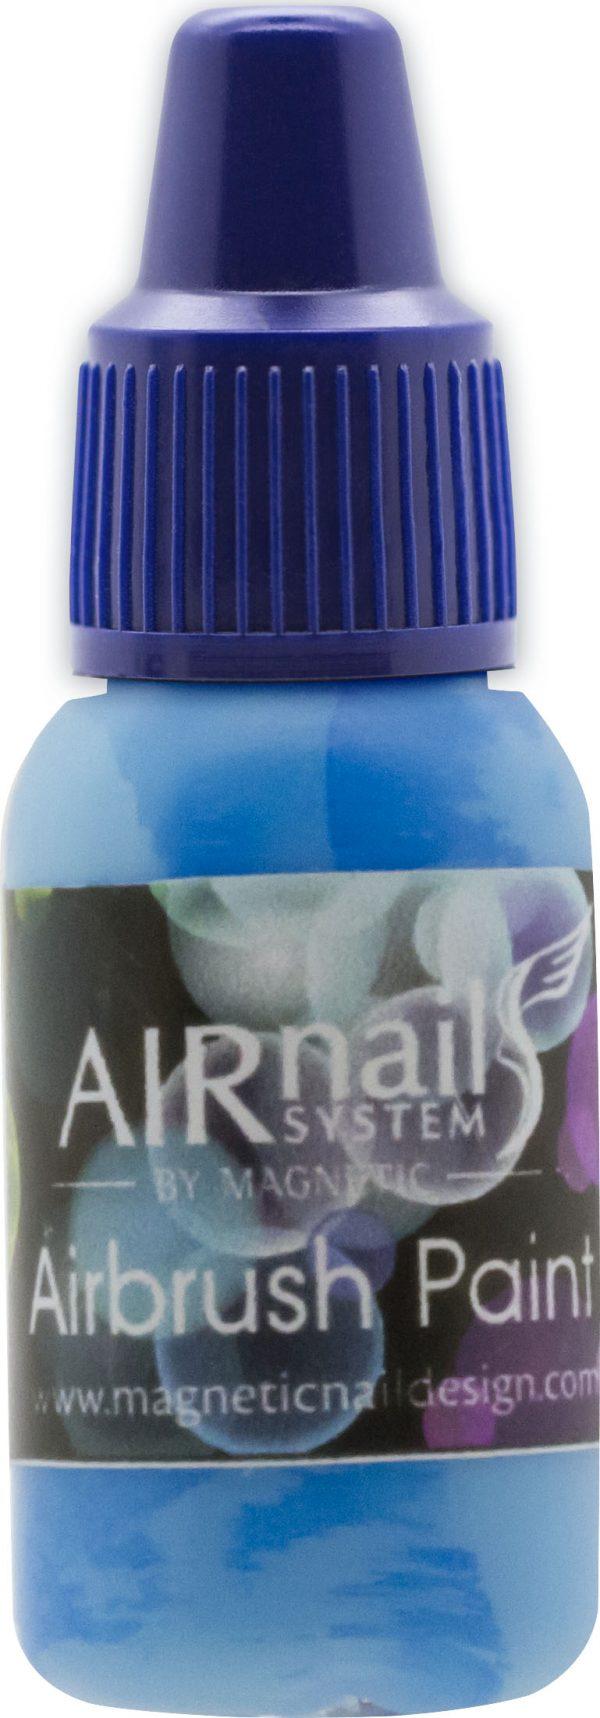 AirNails Paint Sky Blue 15 10ml